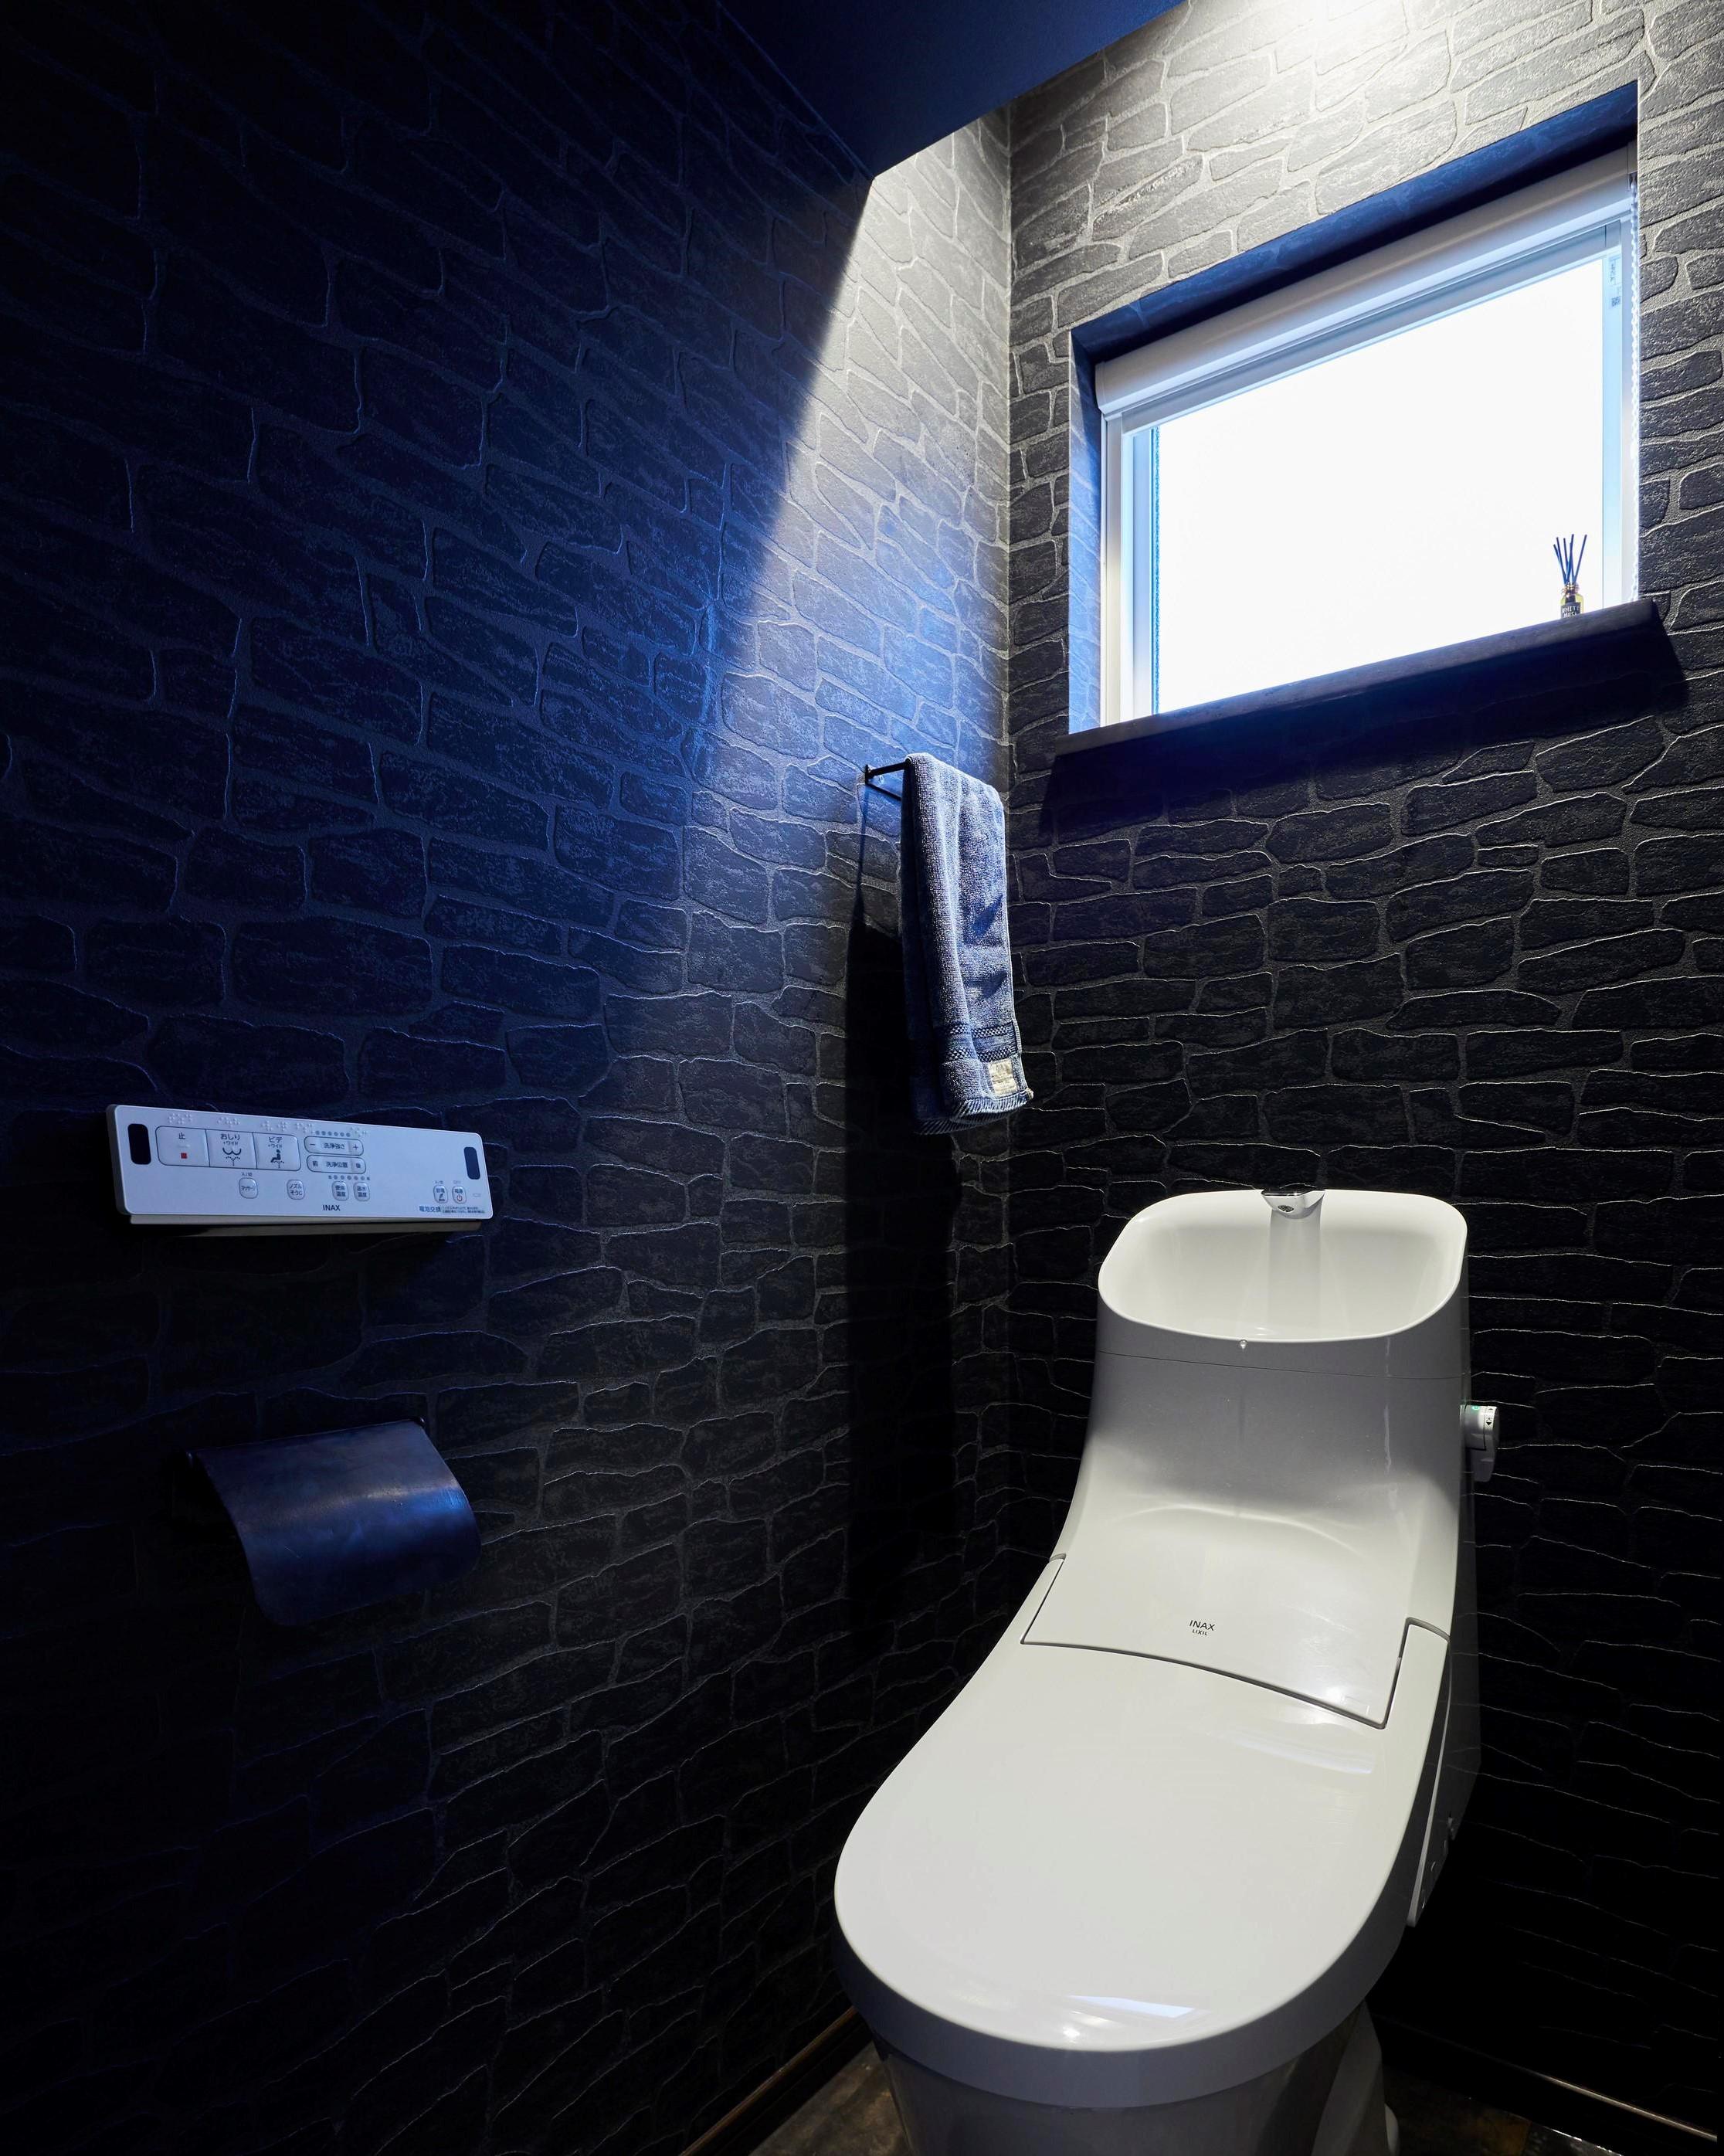 ブラックを基調とした間接照明がかっこいいトイレ